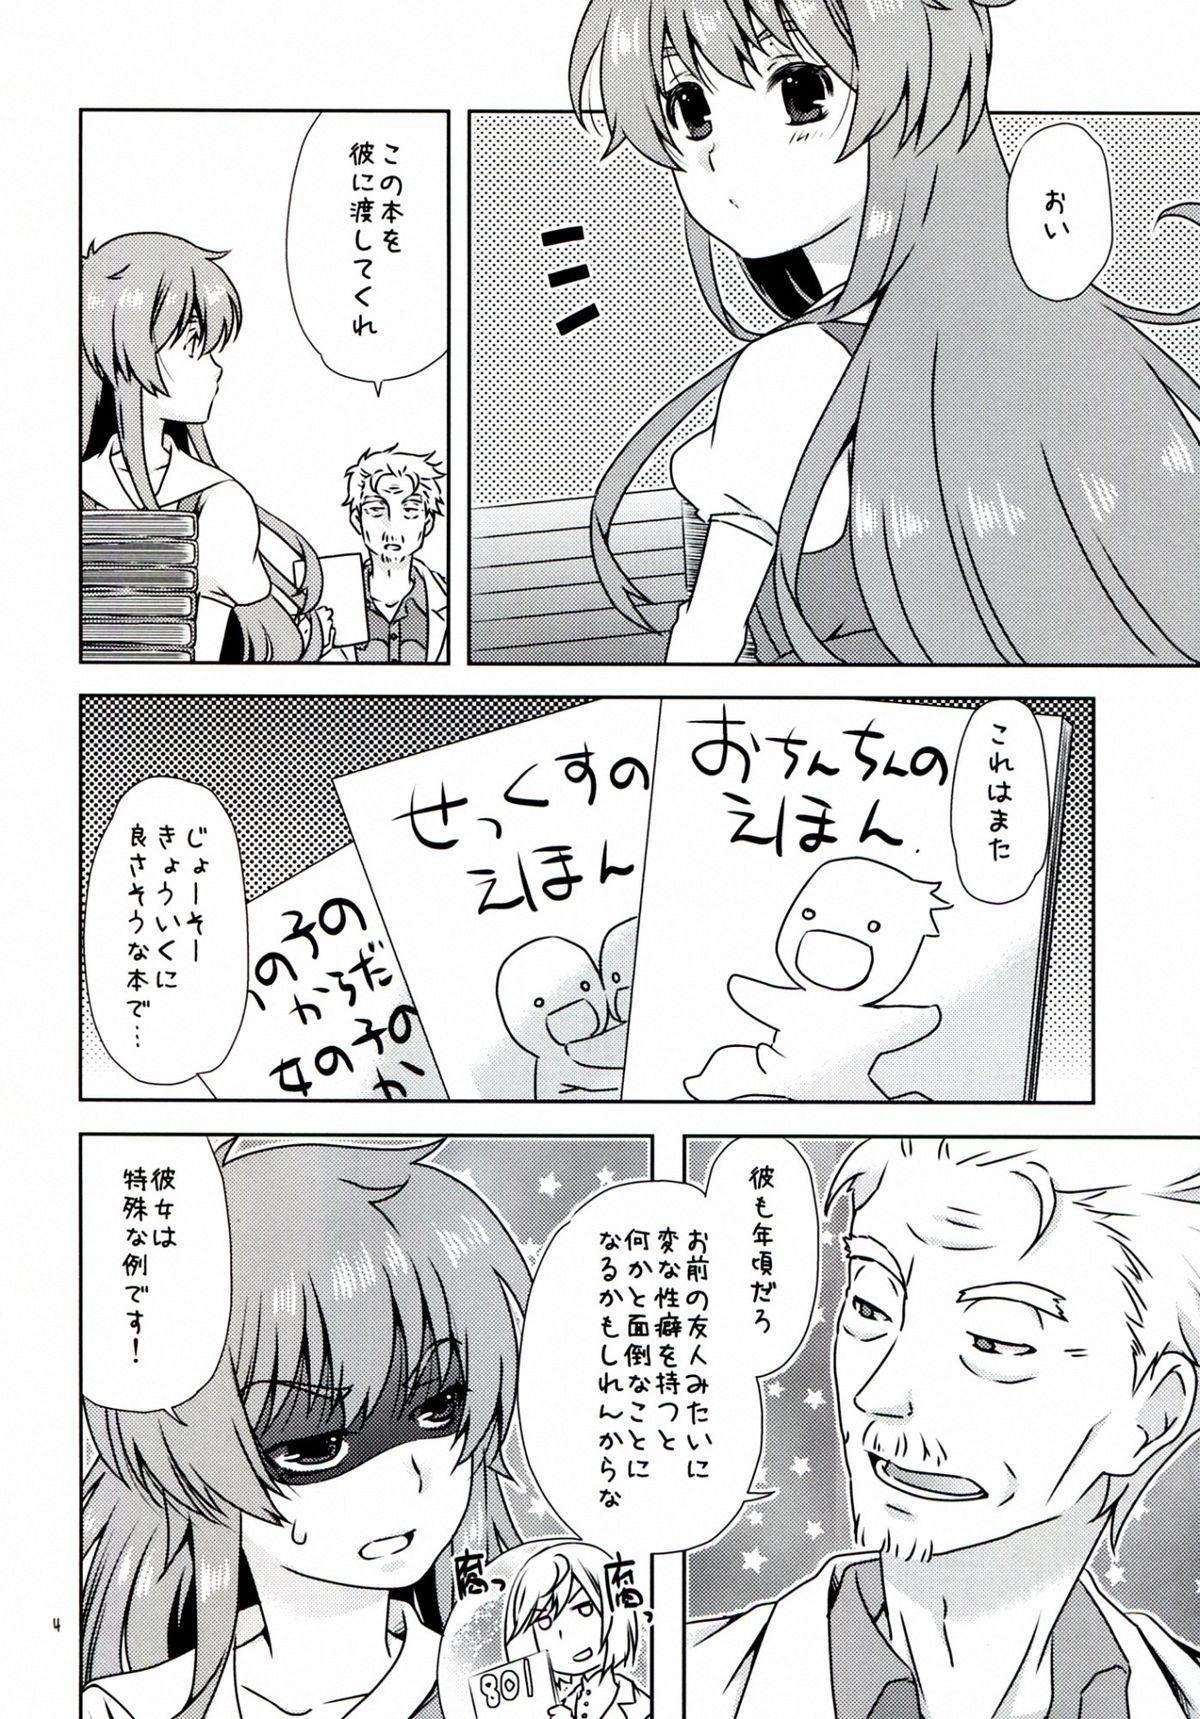 Ningen-san no, Seishoku Katsudou 3